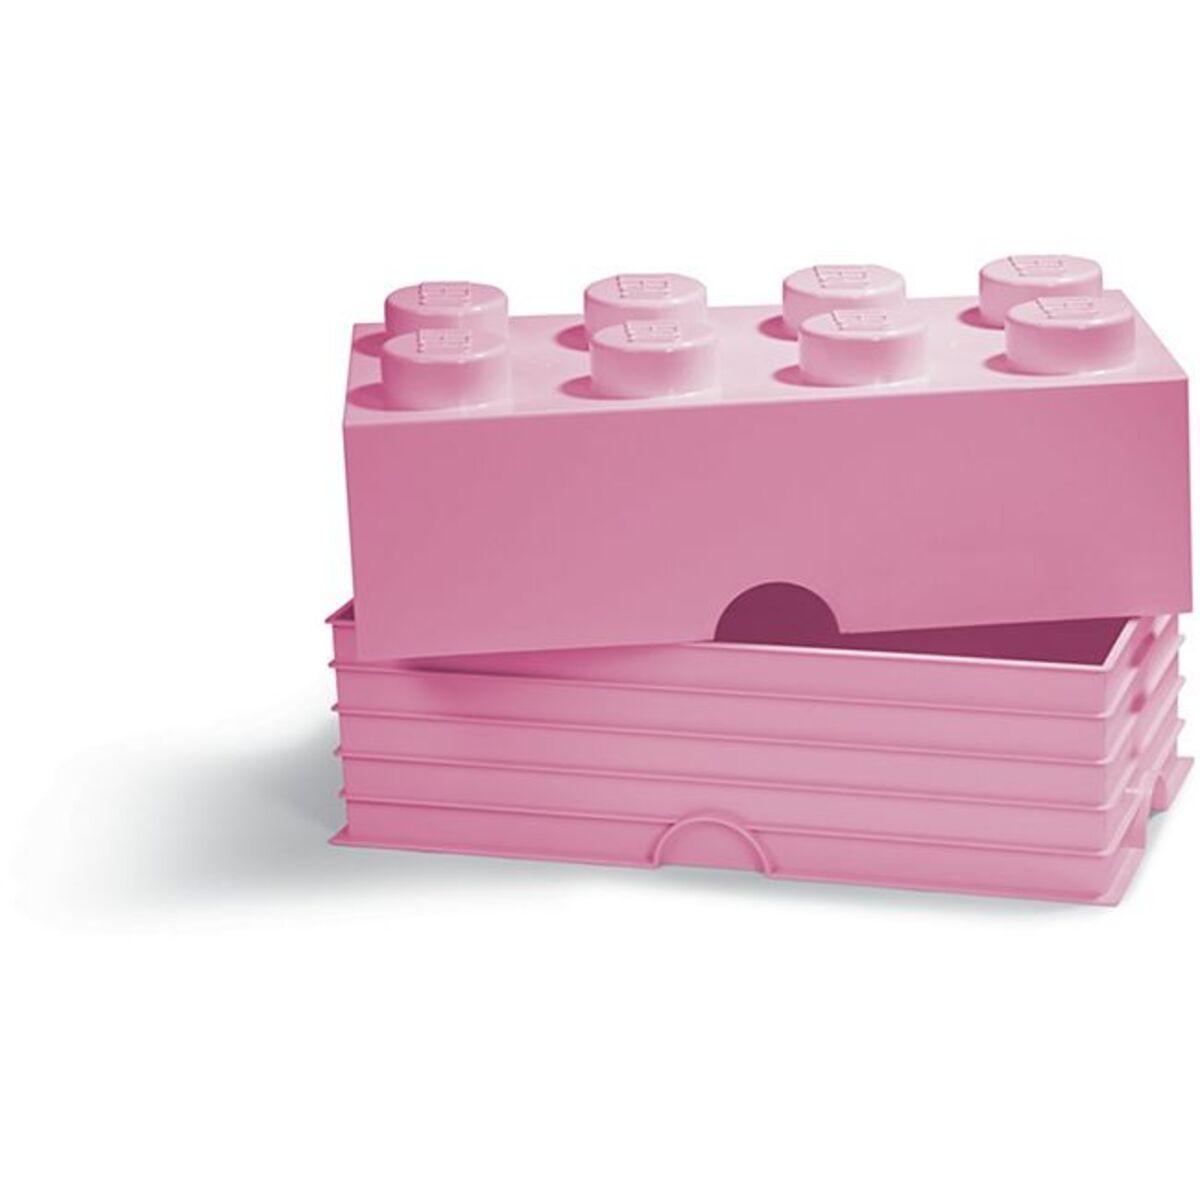 Bild 1 von Lego Storage Brick Aufbewahrungsbox, lila